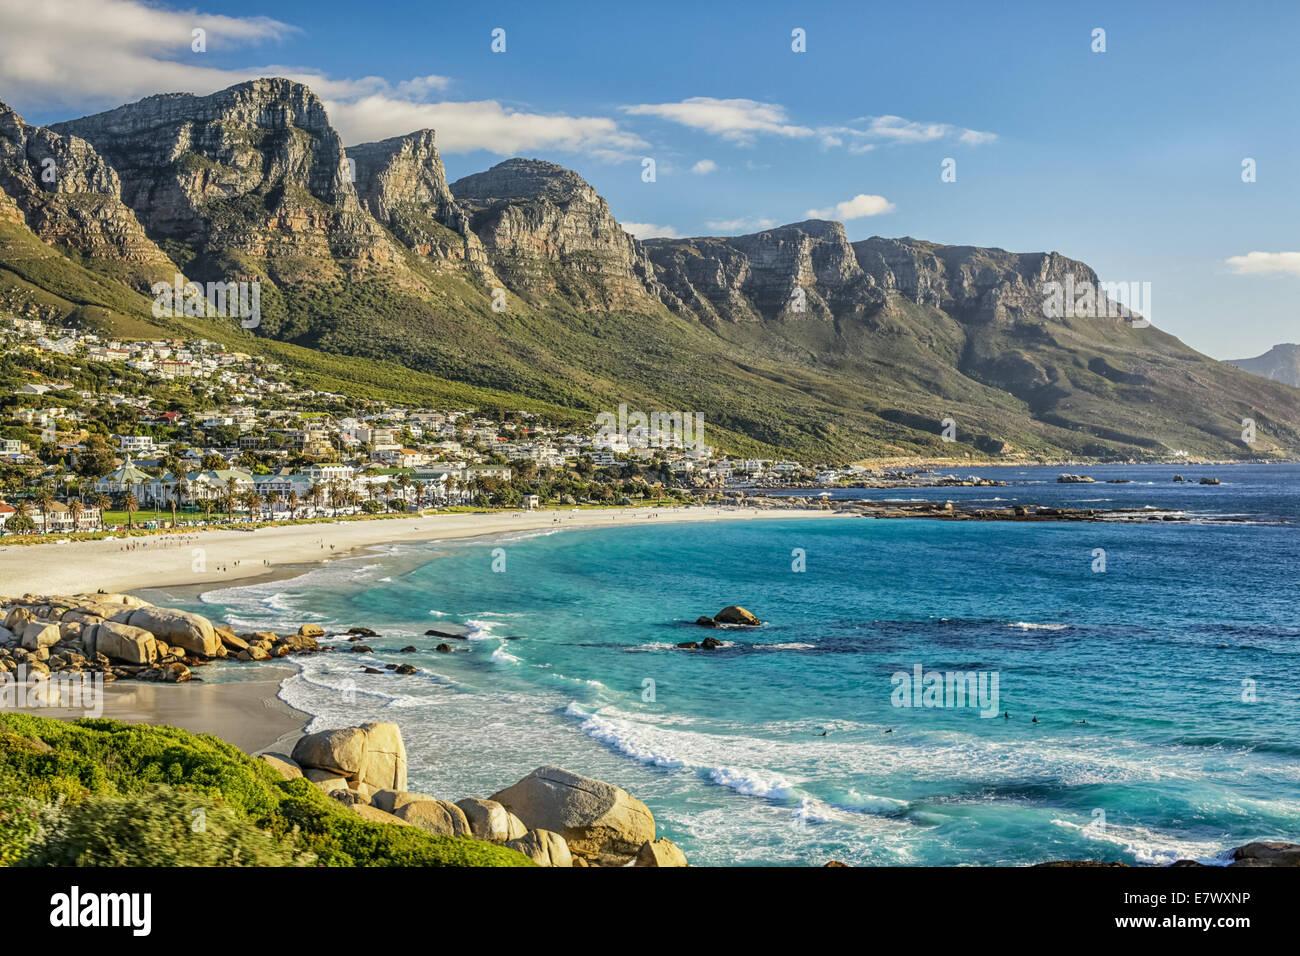 La belle ville de Cape Town, avec ses montagnes magnifiques plages de sable blanc et eau bleu clair Photo Stock